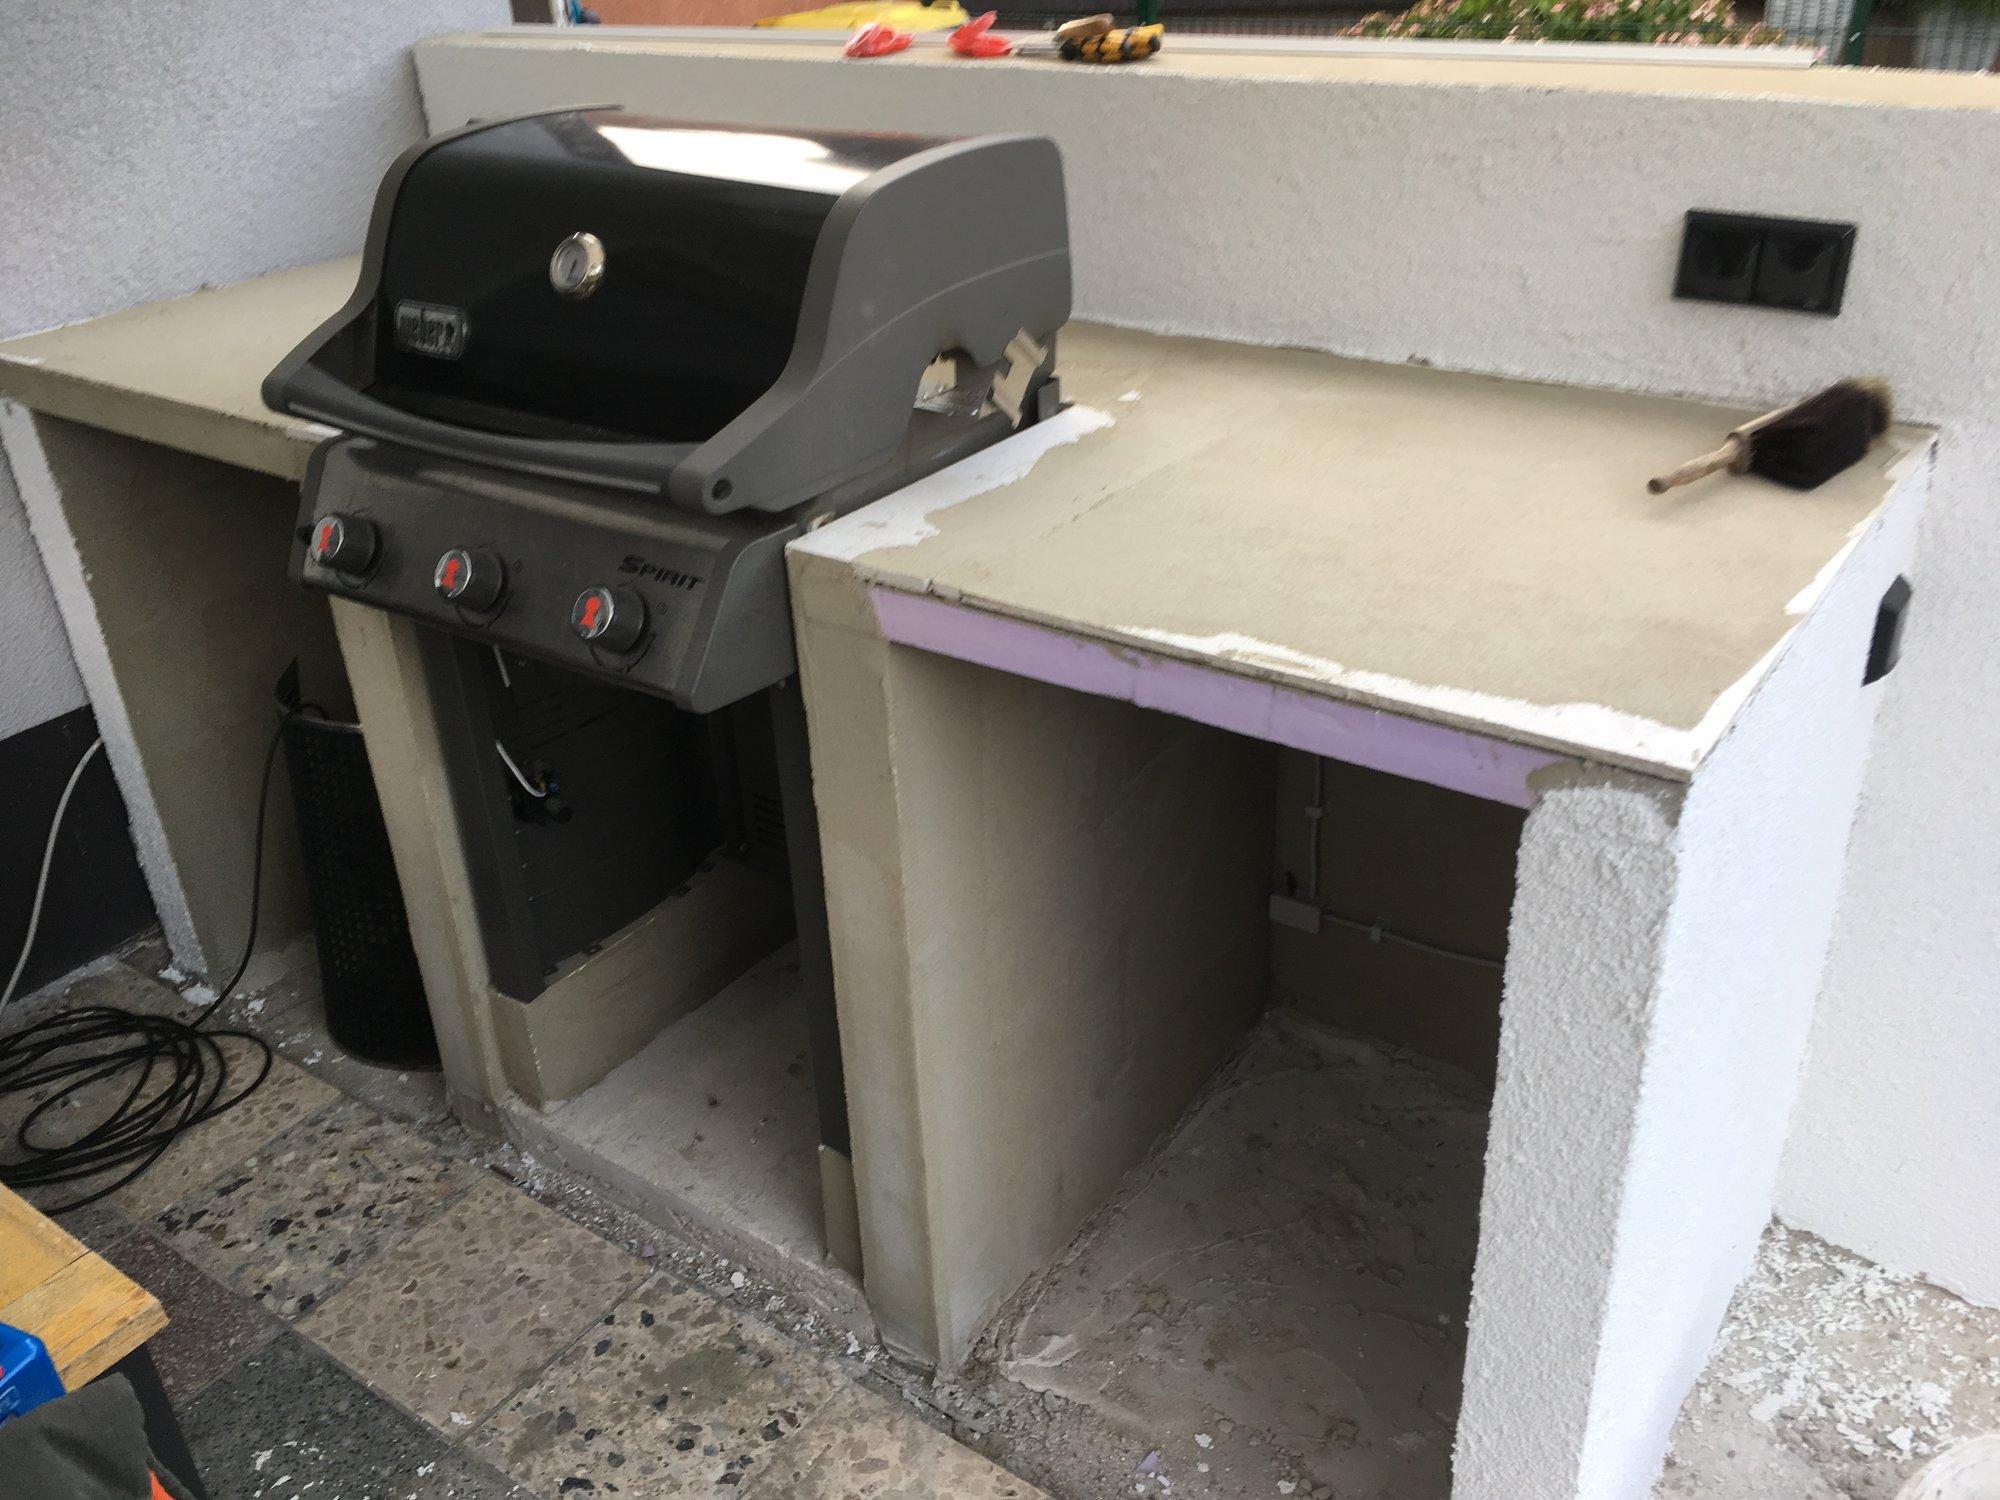 Gasgrill In Outdoor Küche Integrieren : Outdoor küche weber spirit: weber grill in outdoor küche integrieren